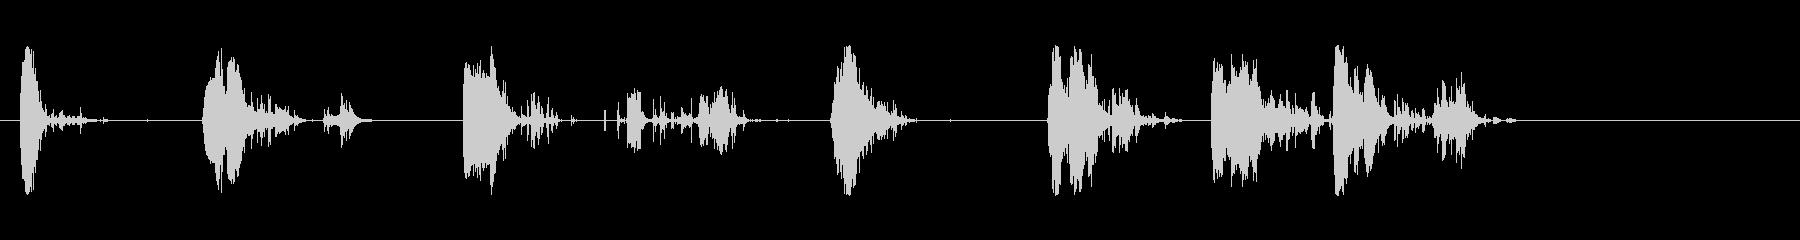 斧;木材を引き裂く複数の影響;一連...の未再生の波形